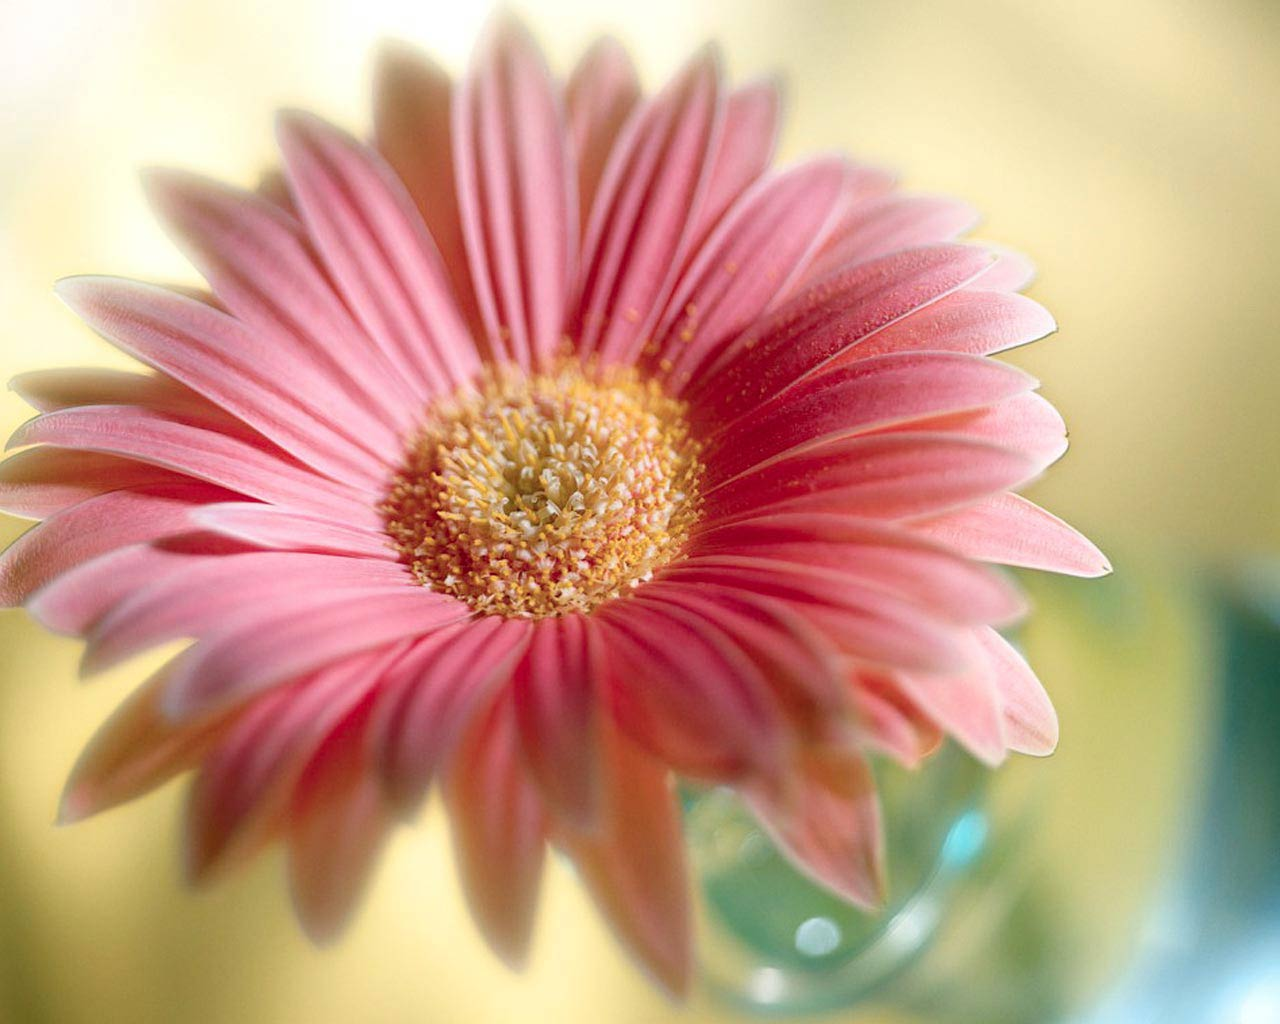 flowers for flower lovers Flowers wallpapers HD desktop Beautiful 1280x1024